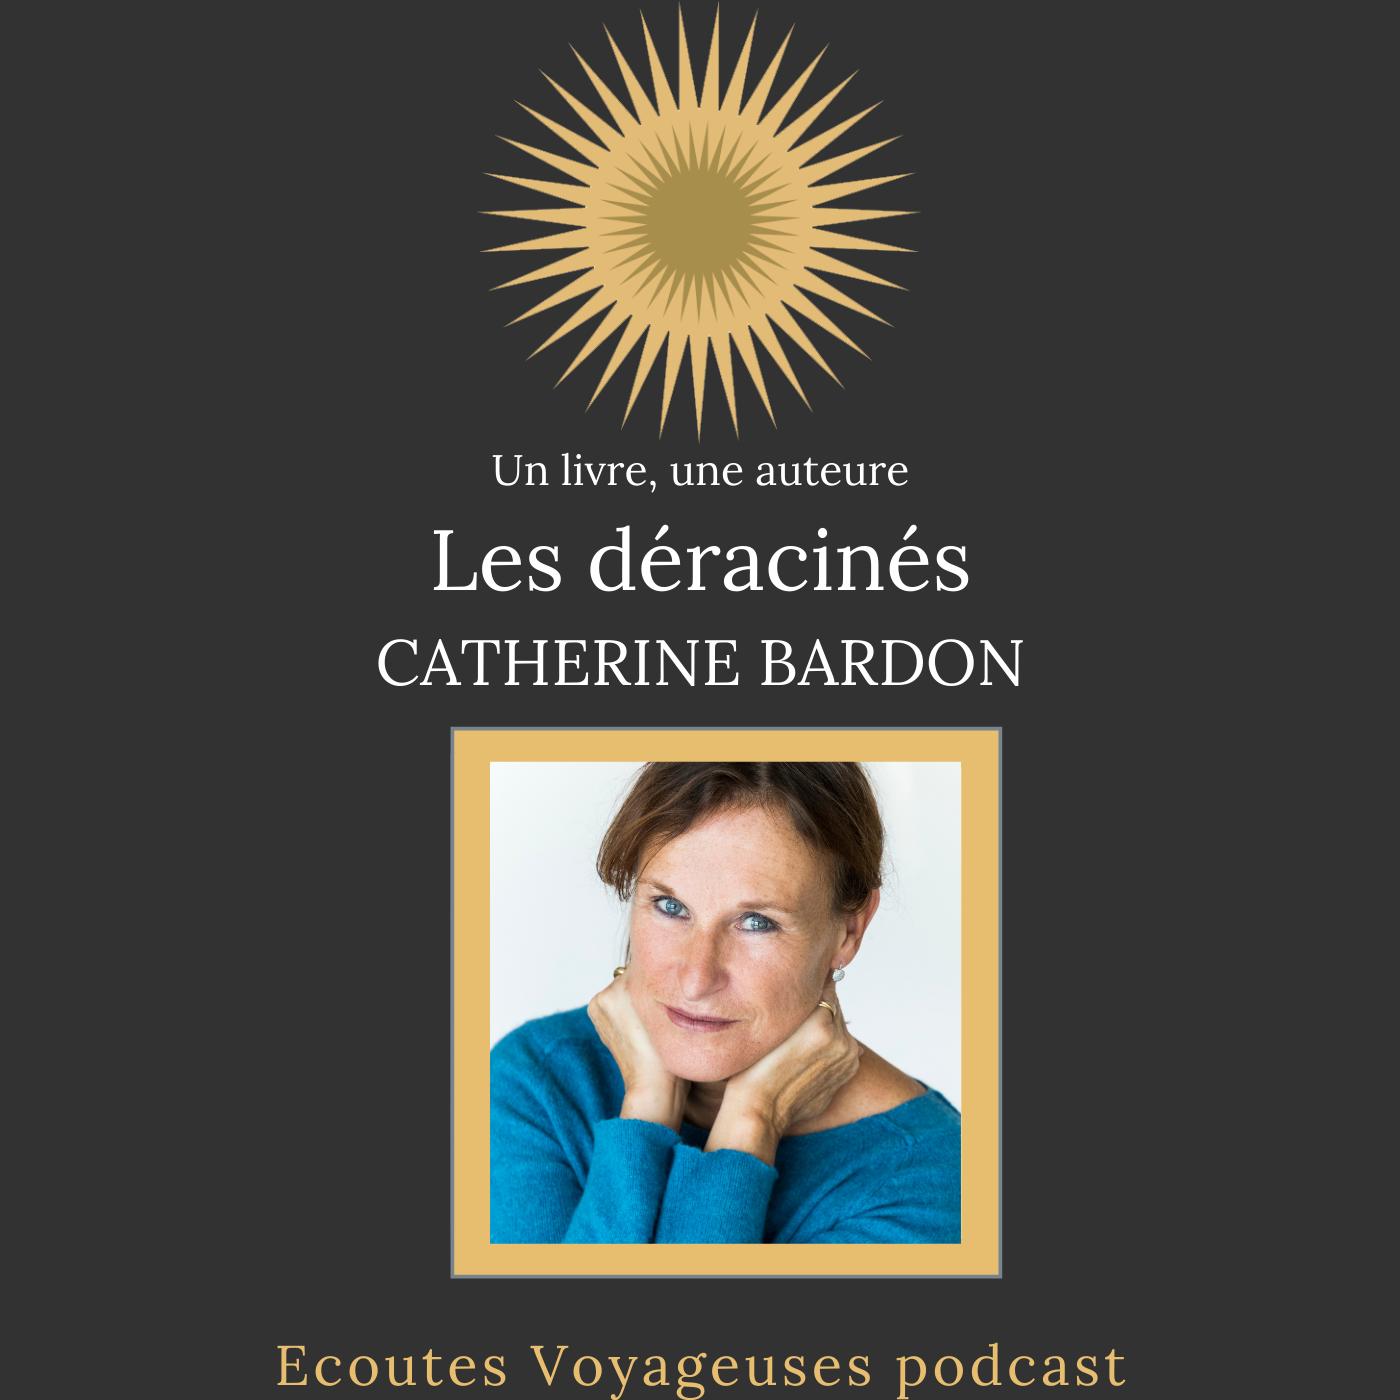 Catherine Bardon, les déracinés